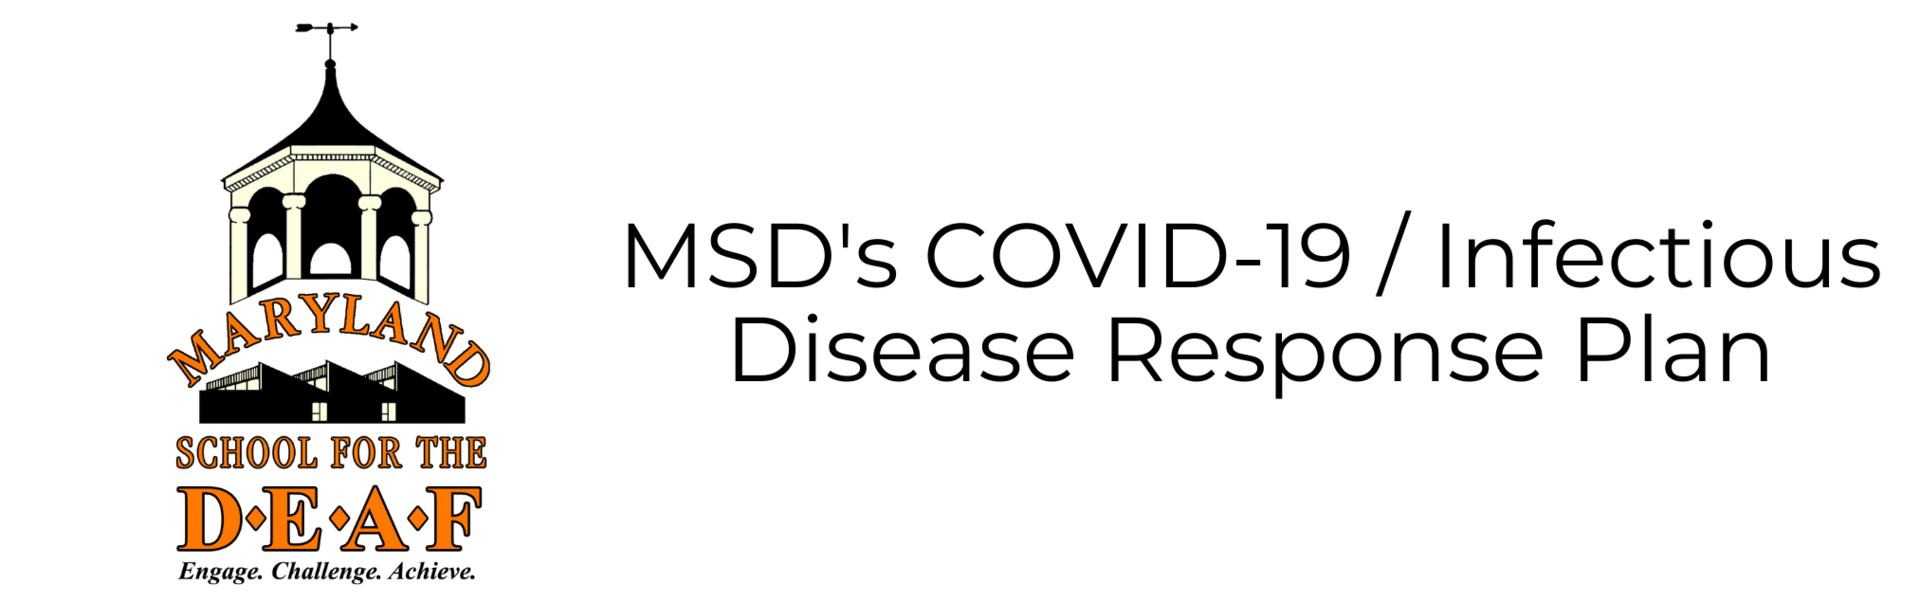 MSD's Response Plan